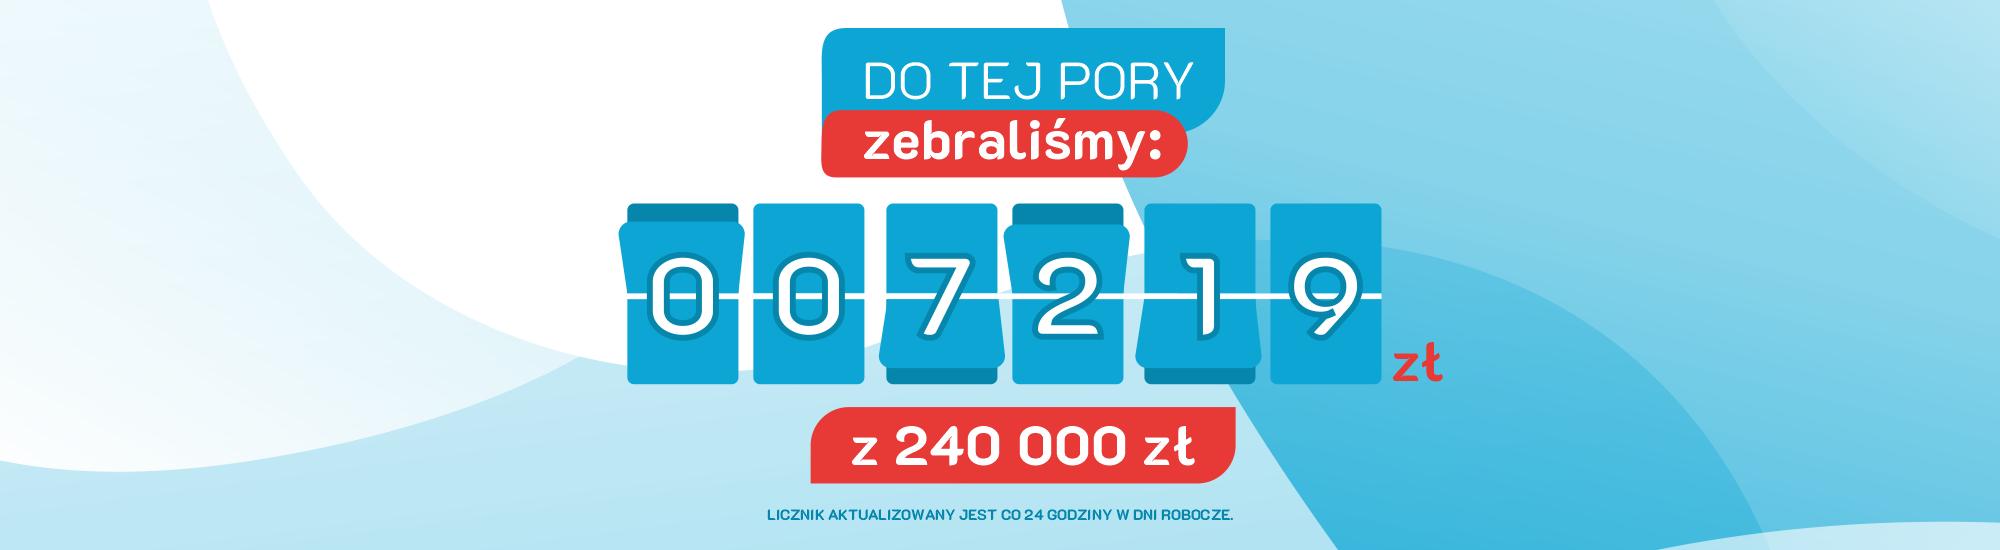 Zebraliśmy już 7219 PLN